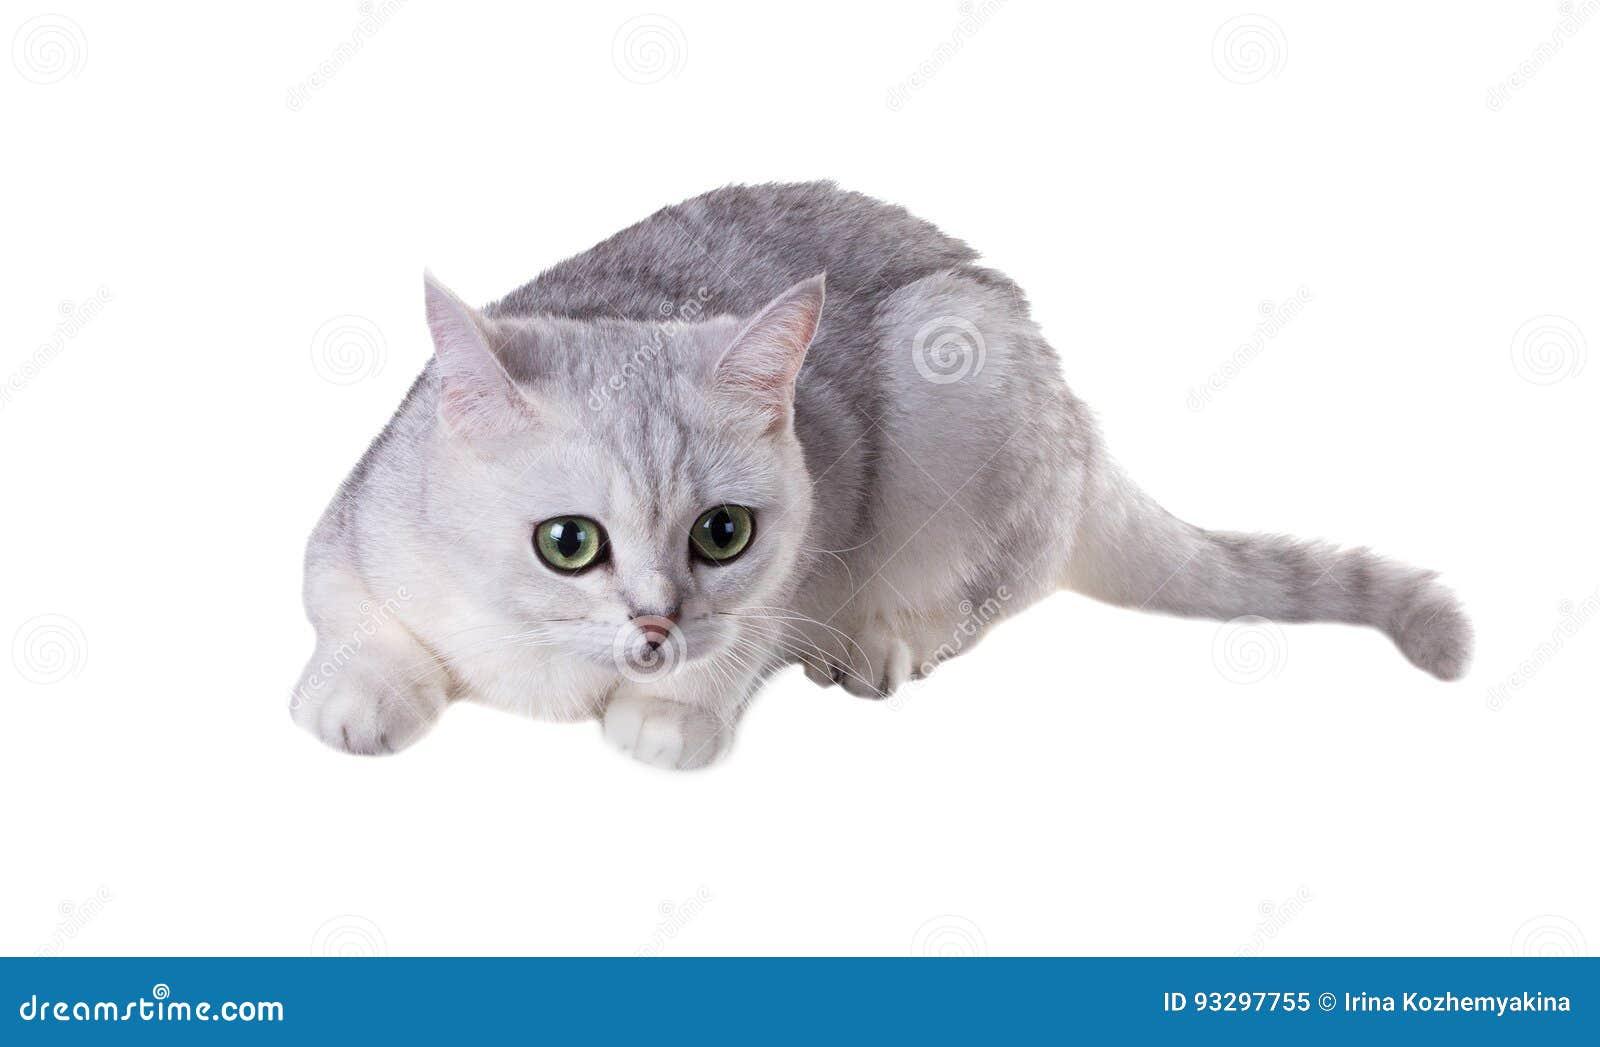 Fein Katze Farbung Seite Fotos - Druckbare Malvorlagen - amaichi.info